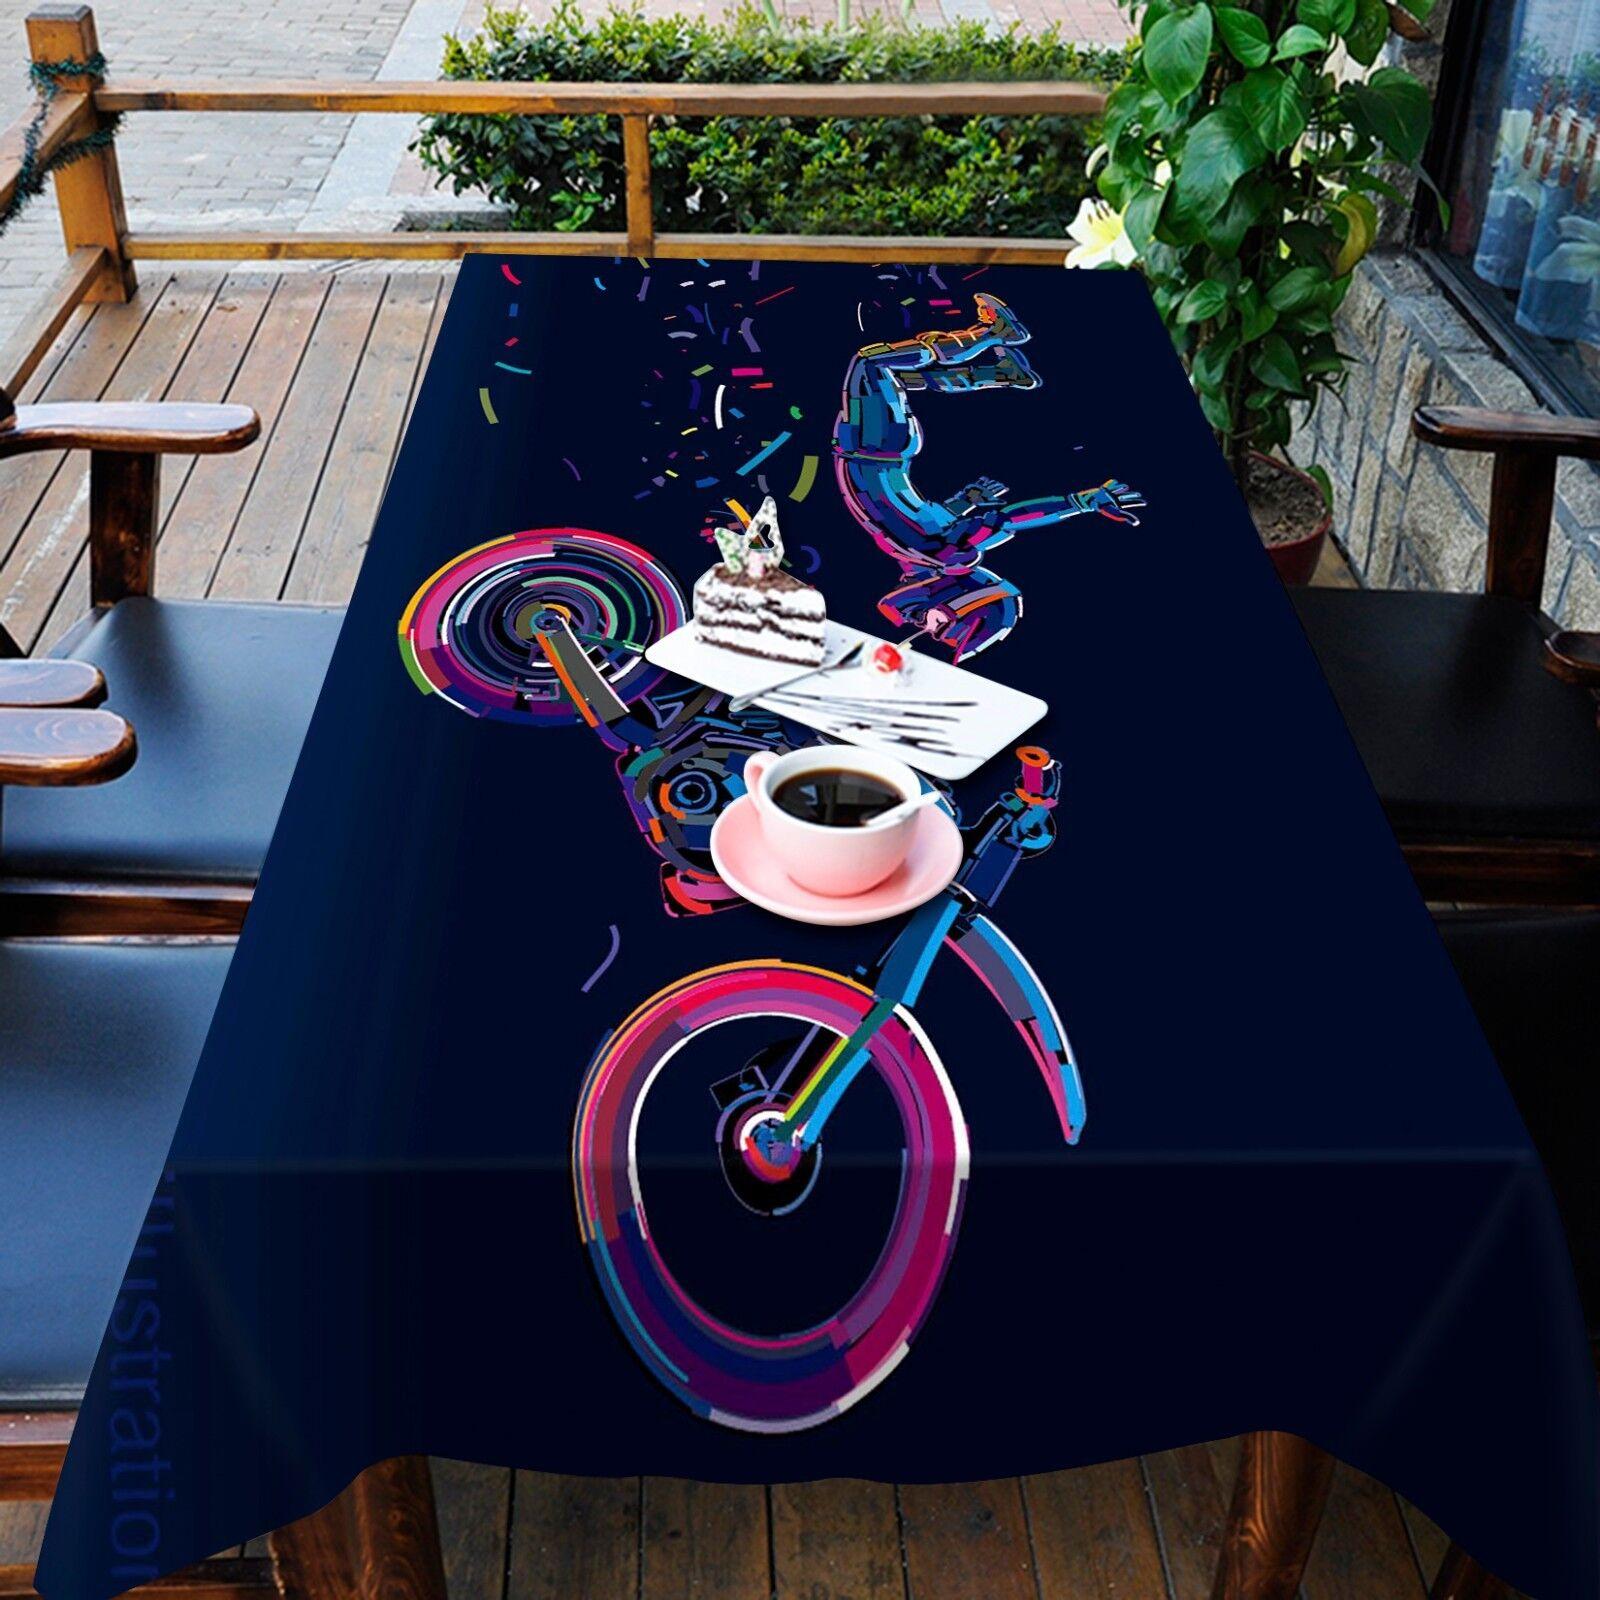 3D Vélo Peinture Nappe Table Cover Cloth fête d'anniversaire AJ papier peint Royaume-Uni Citron